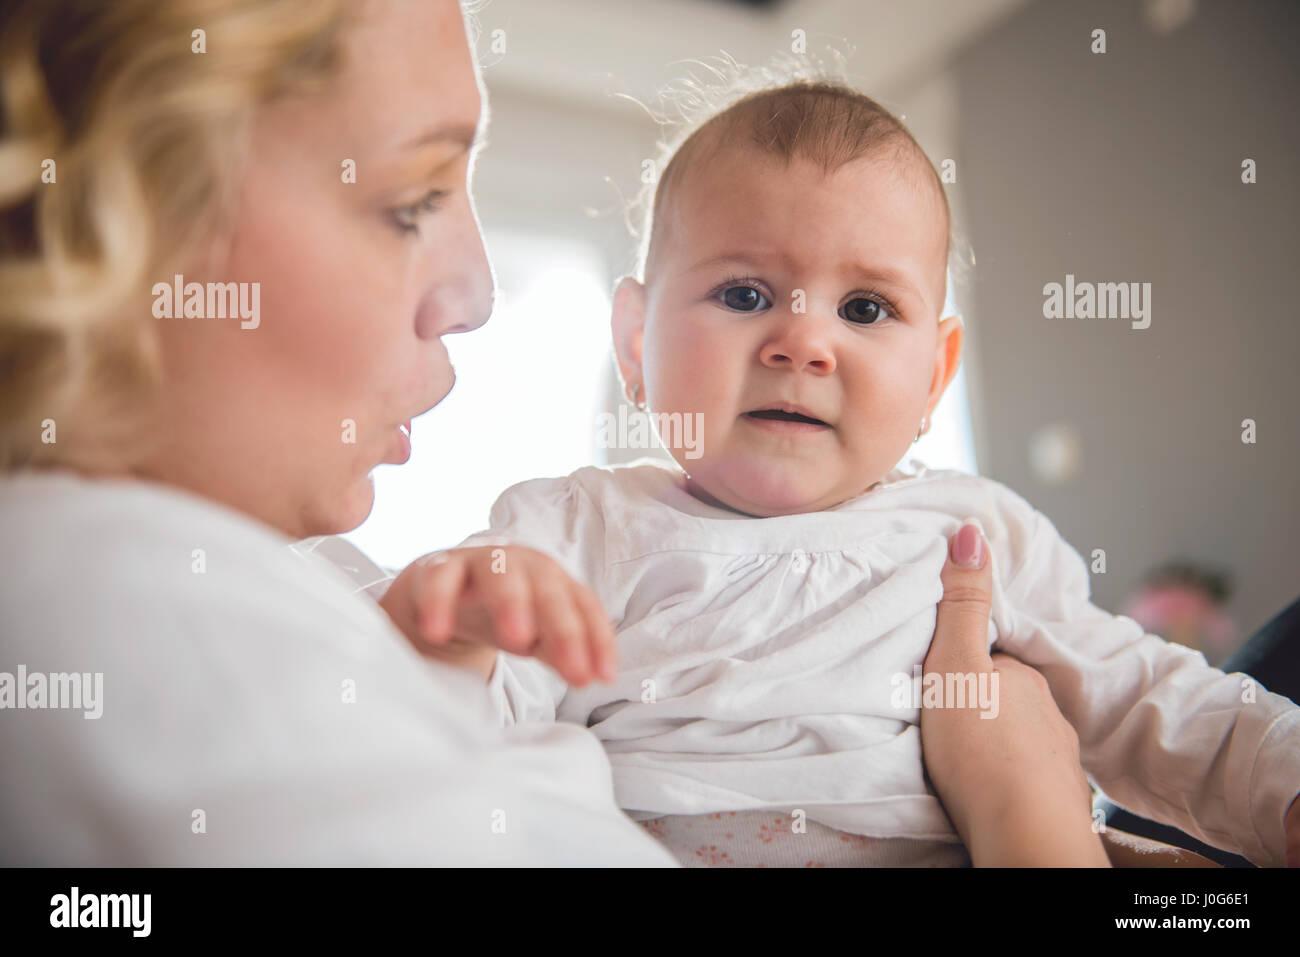 Mutter hält ihr schreiendes baby Stockbild